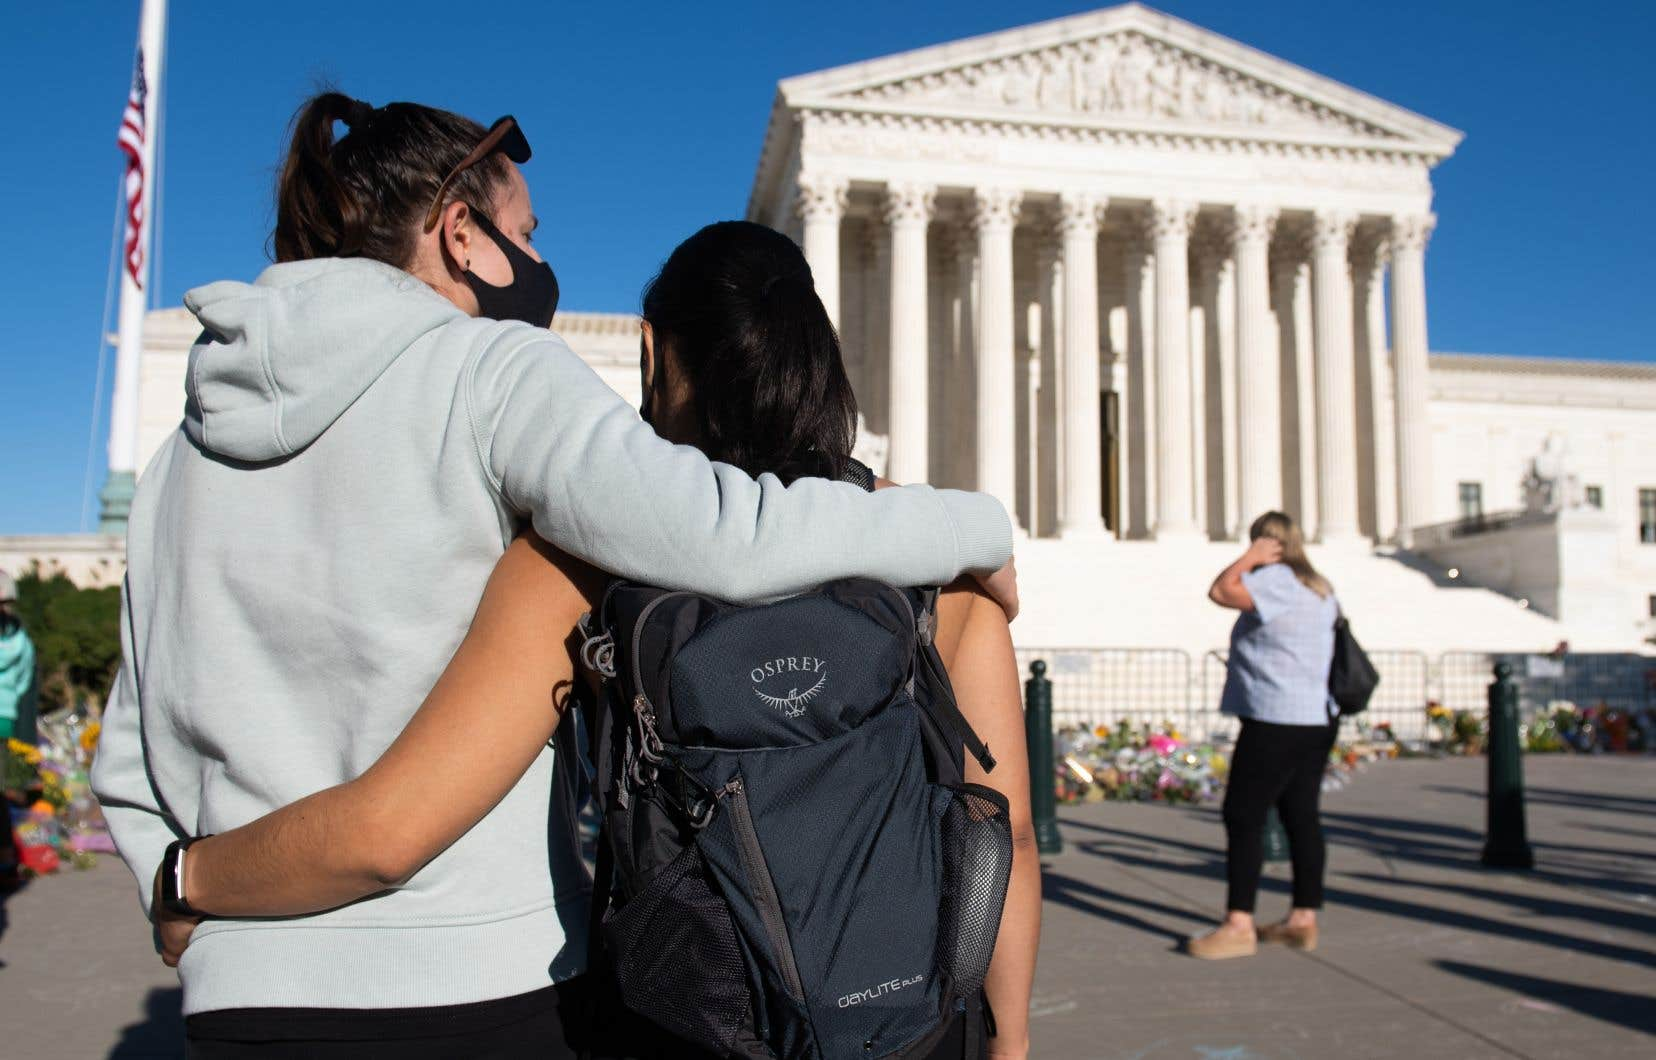 La dépouille de la juge Ruth Bader Ginsburg sera exposée mercredi et jeudi à la Cour suprême des États-Unis. L'icône féministe, décédée vendredi, recevra un hommage national vendredi au Capitole.